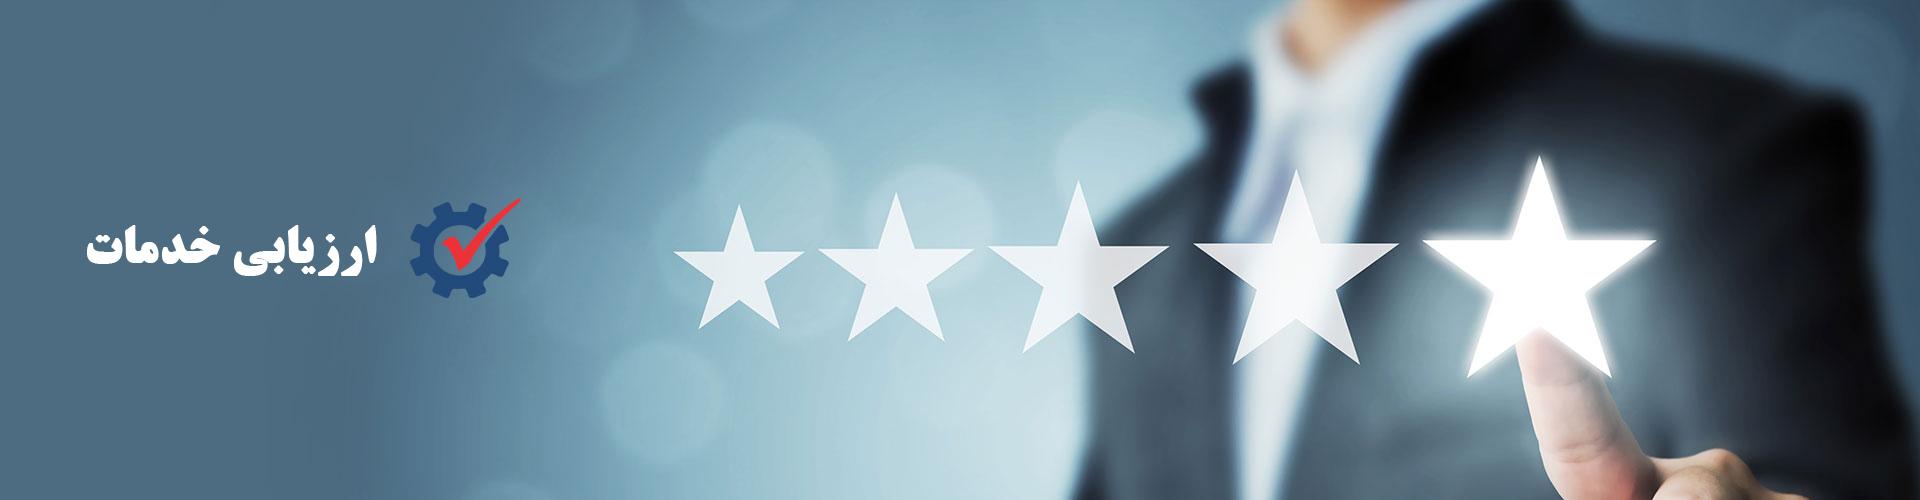 ارزیابی خدمات تیک سرویس